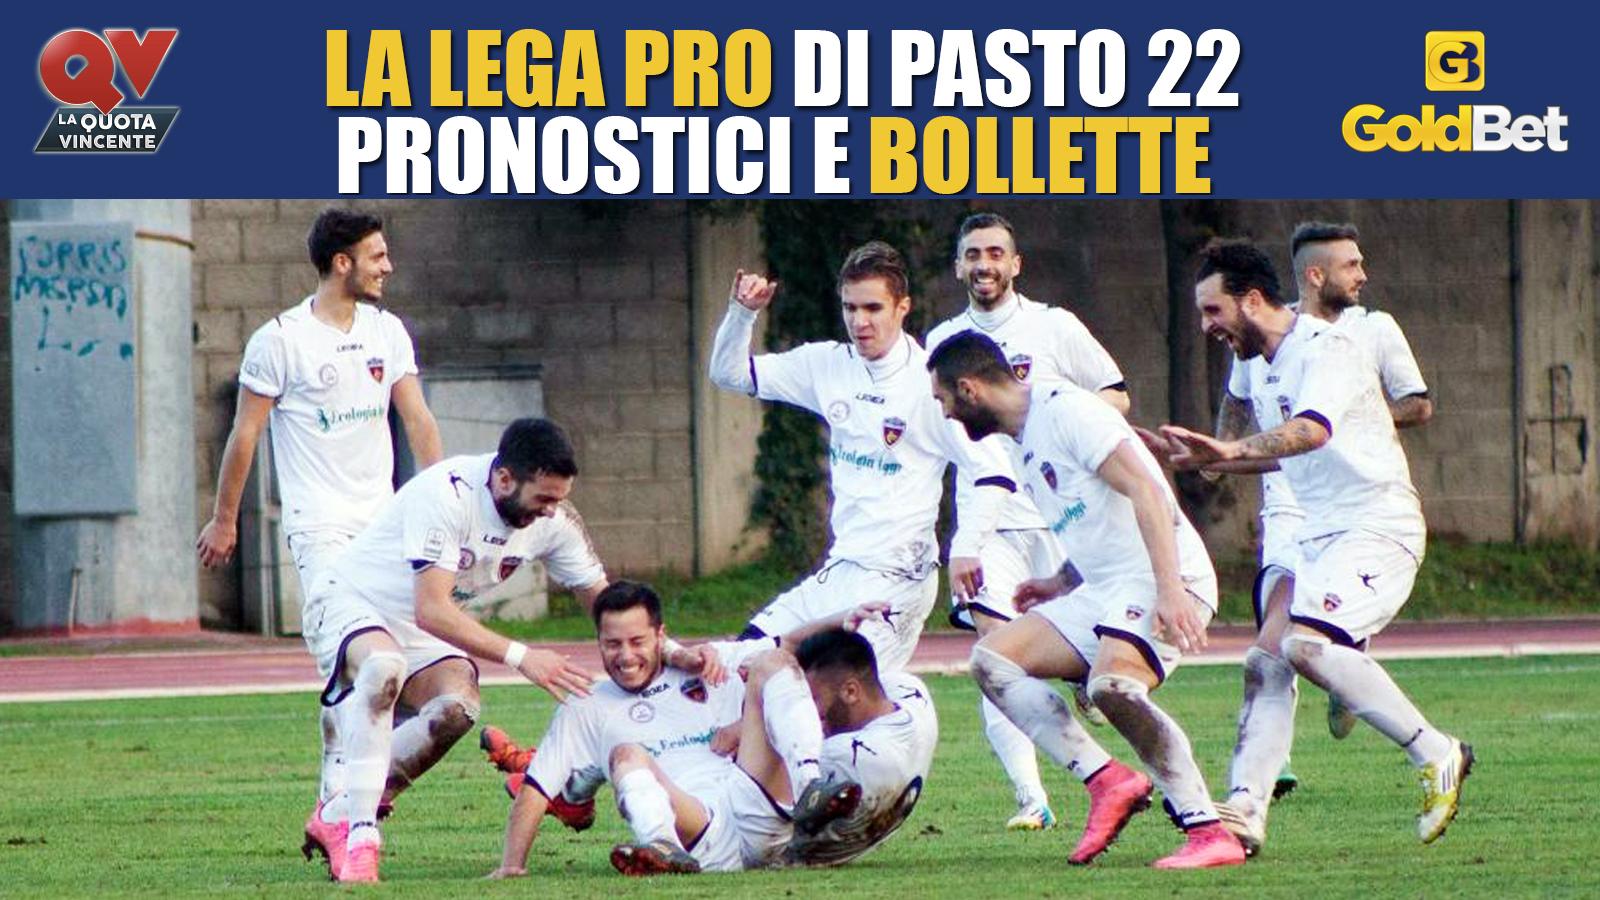 lega_pro_blog_qv_pasto_22_cosenza_calcio_esultanza_news_scommesse_bollette_qv